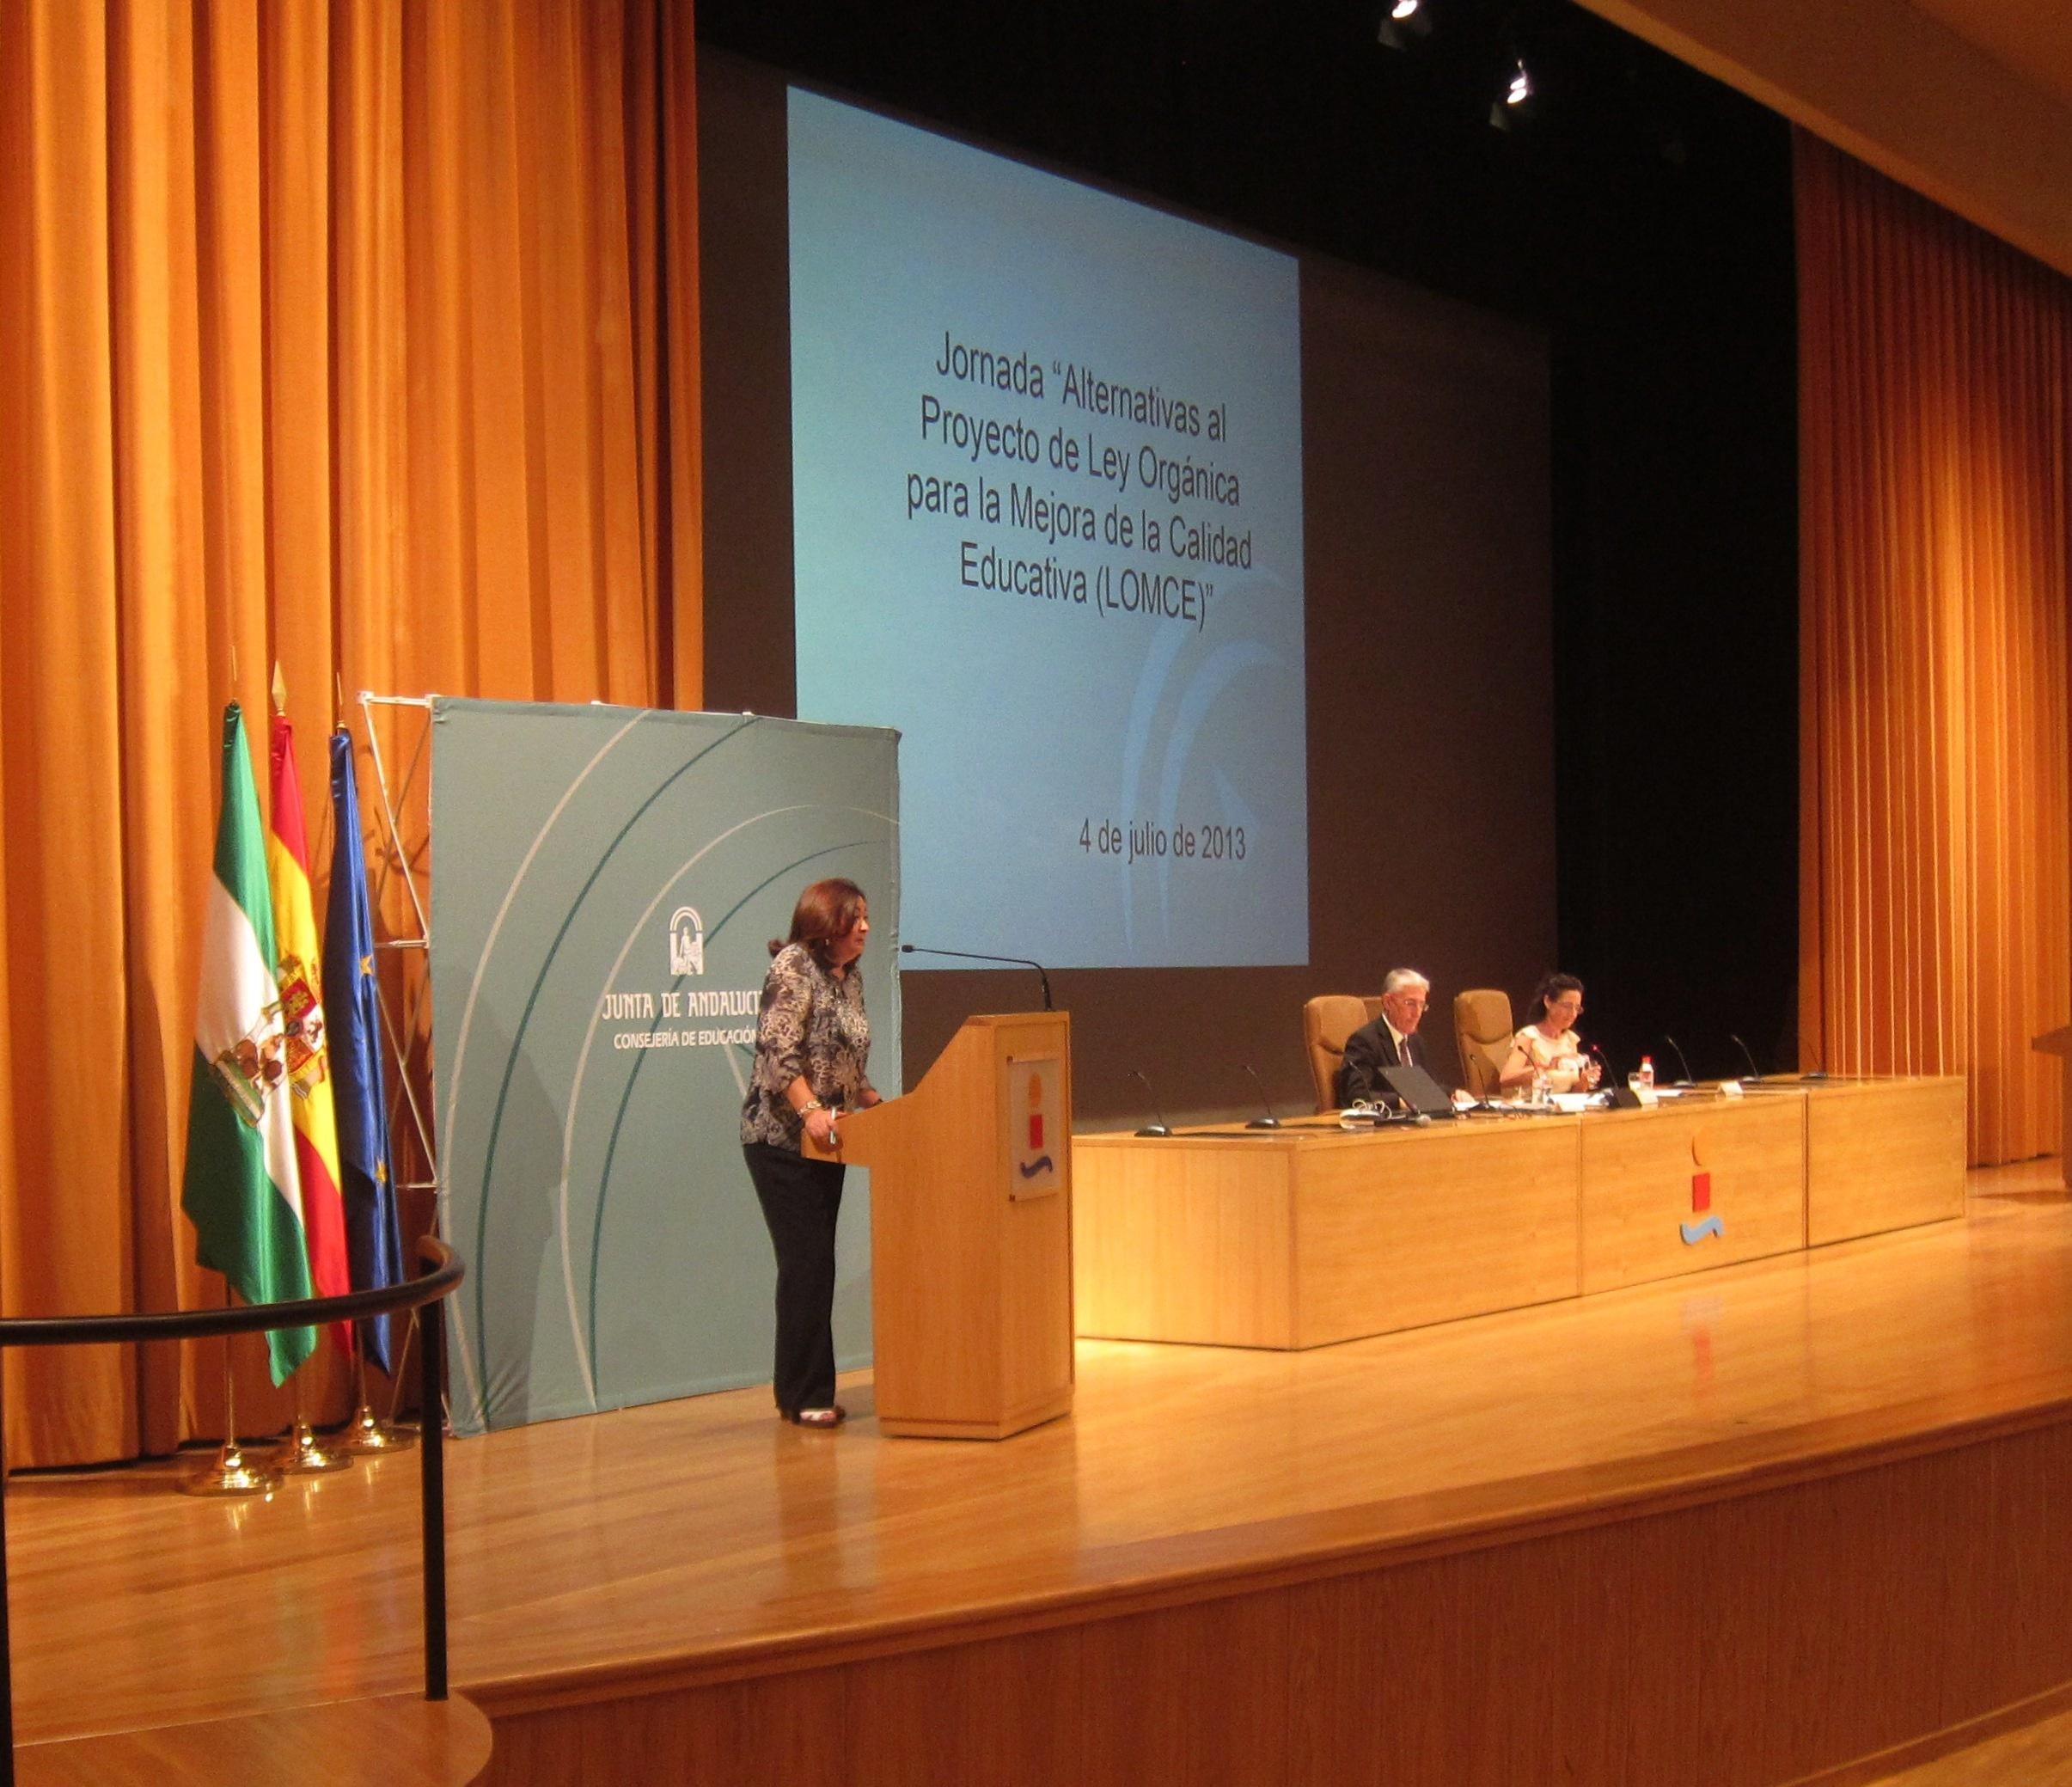 La comunidad educativa asesorará en la alternativa andaluza de la Lomce